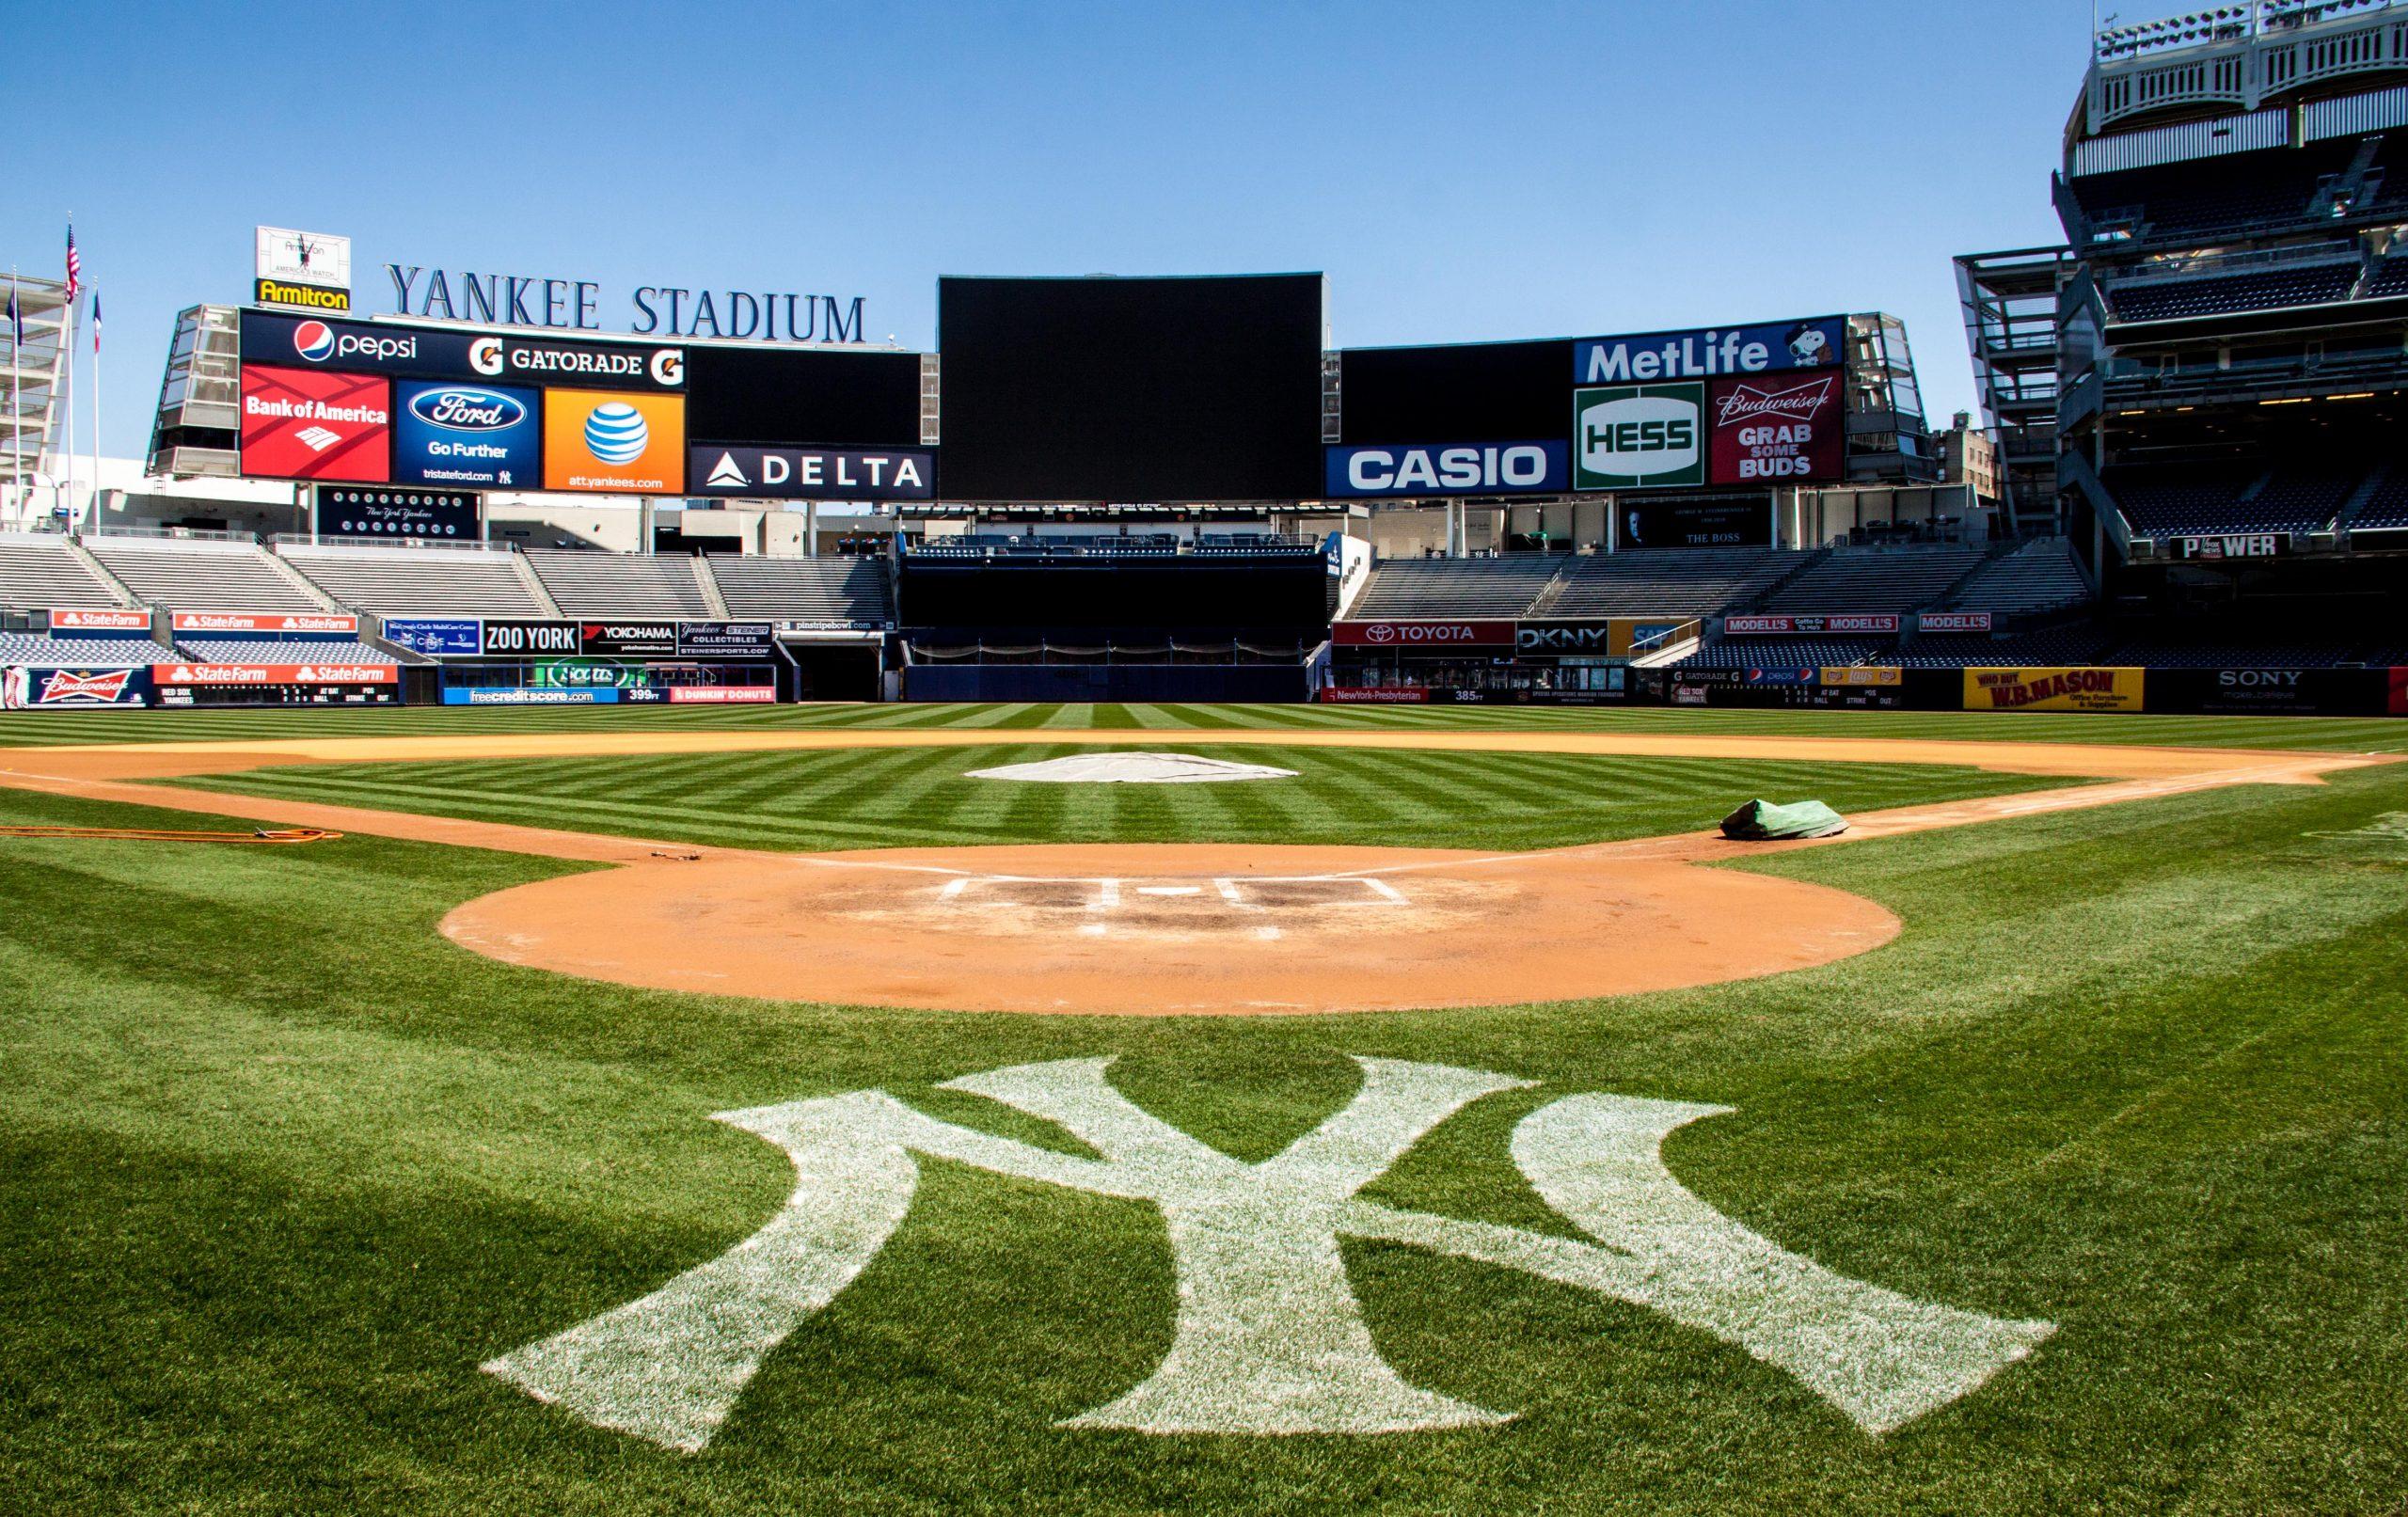 Mariano post Yankees Stadium